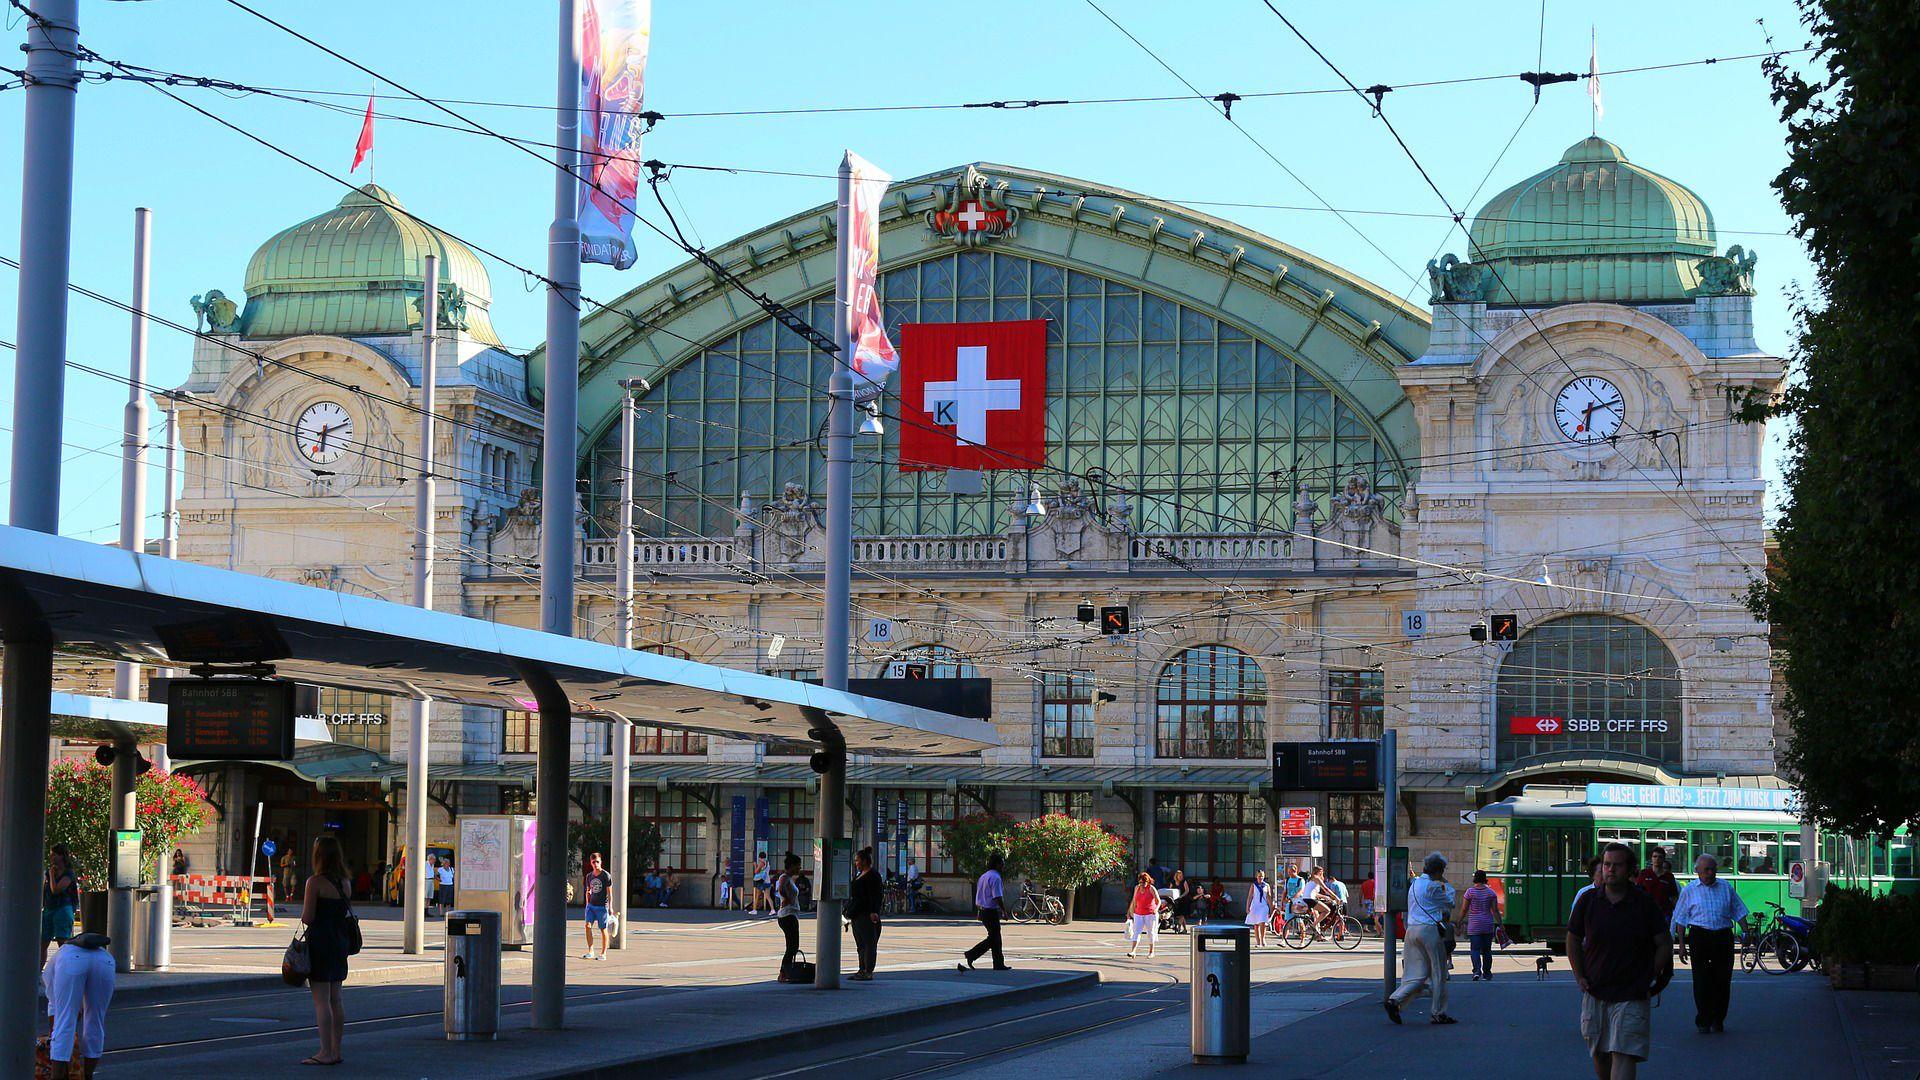 Dworzec kolejowy - Bazylea, Szwajcaria